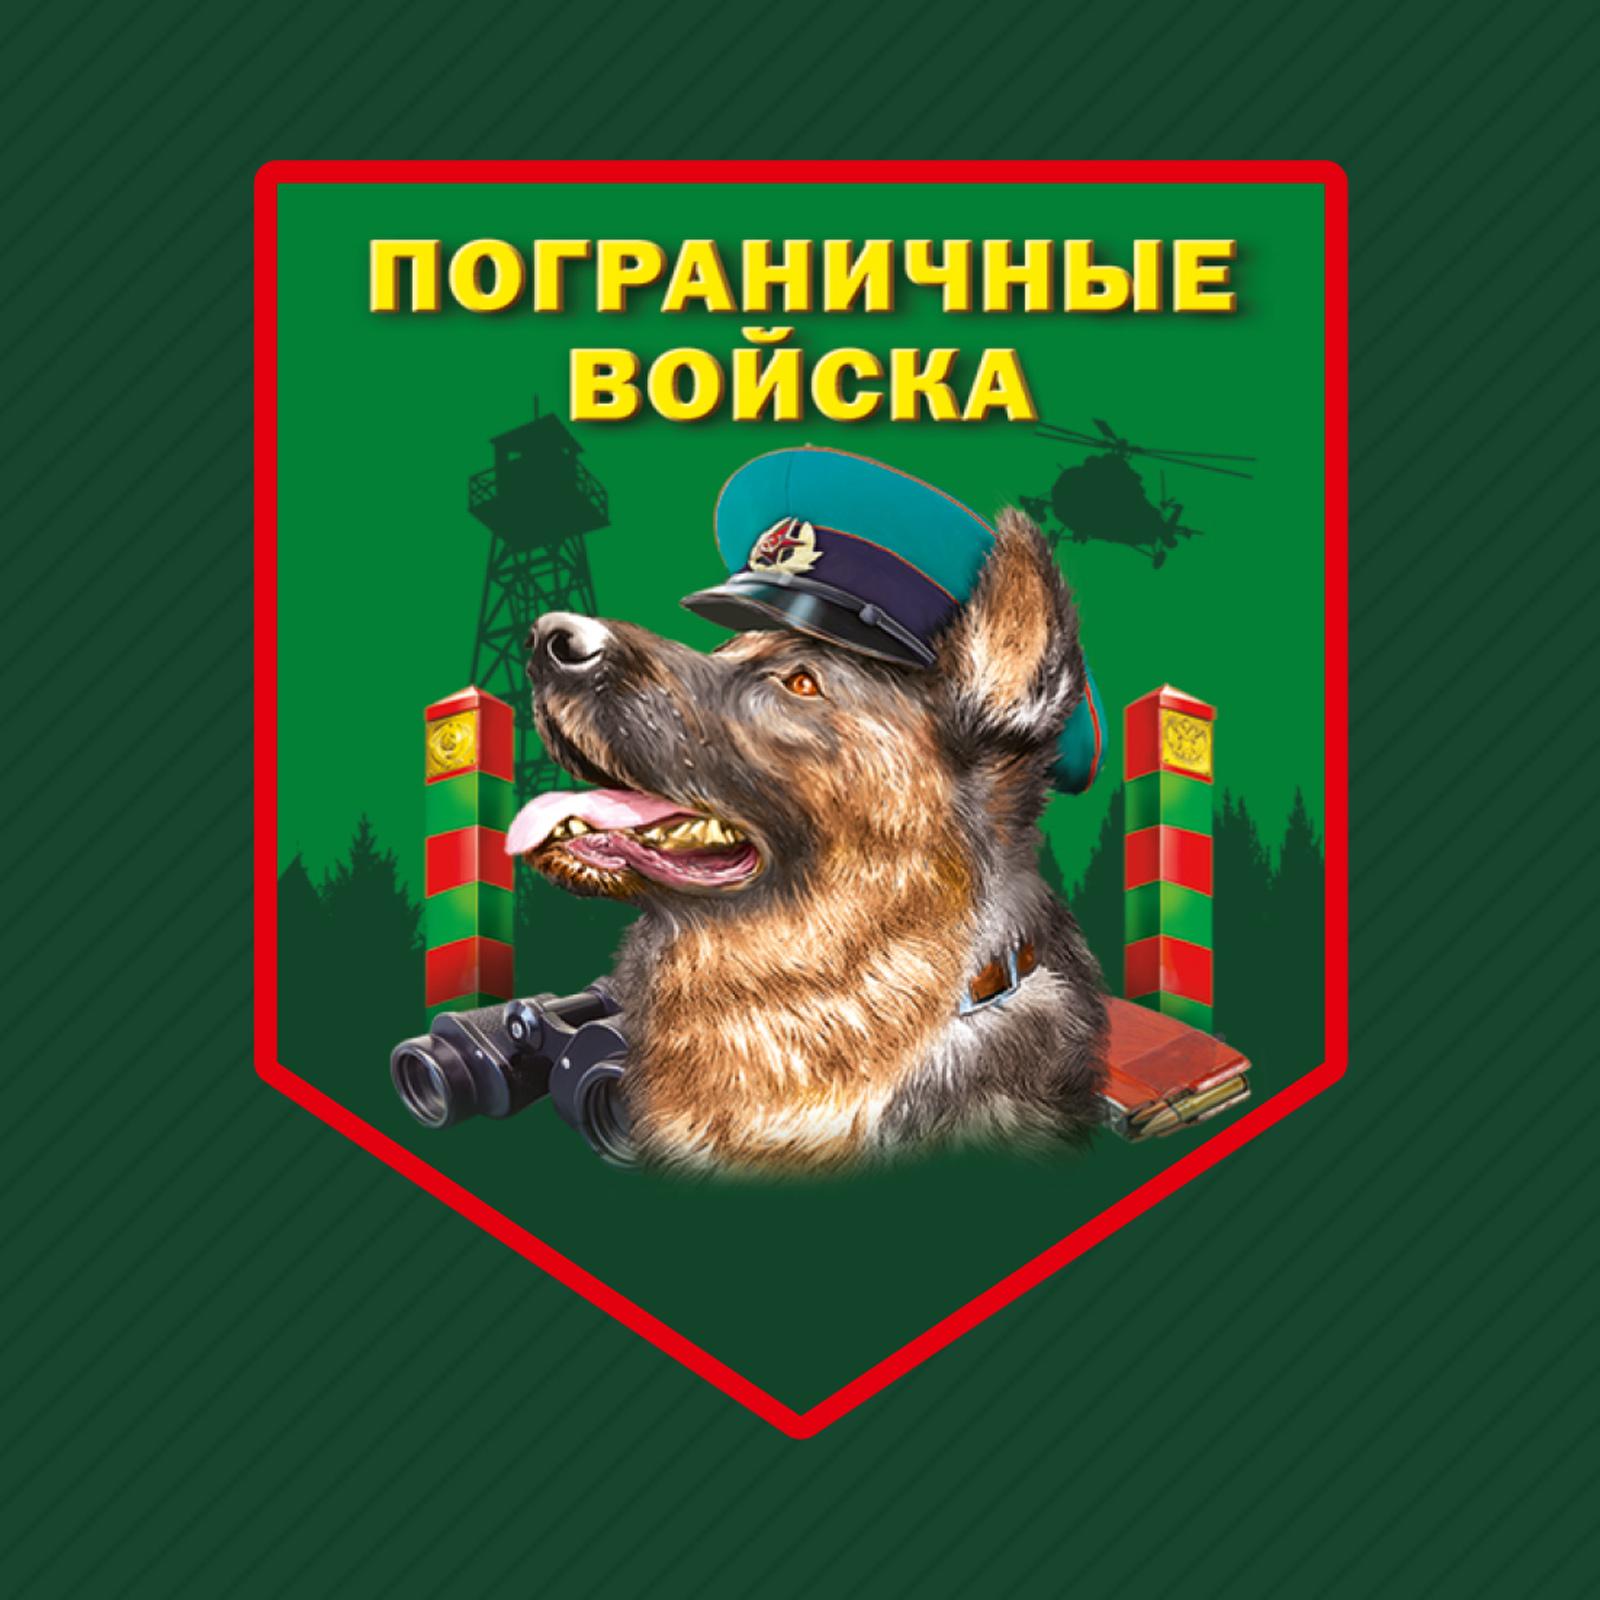 Купить темно-зеленую бейсболку с термотрансфером Пограничные Войска в подарок